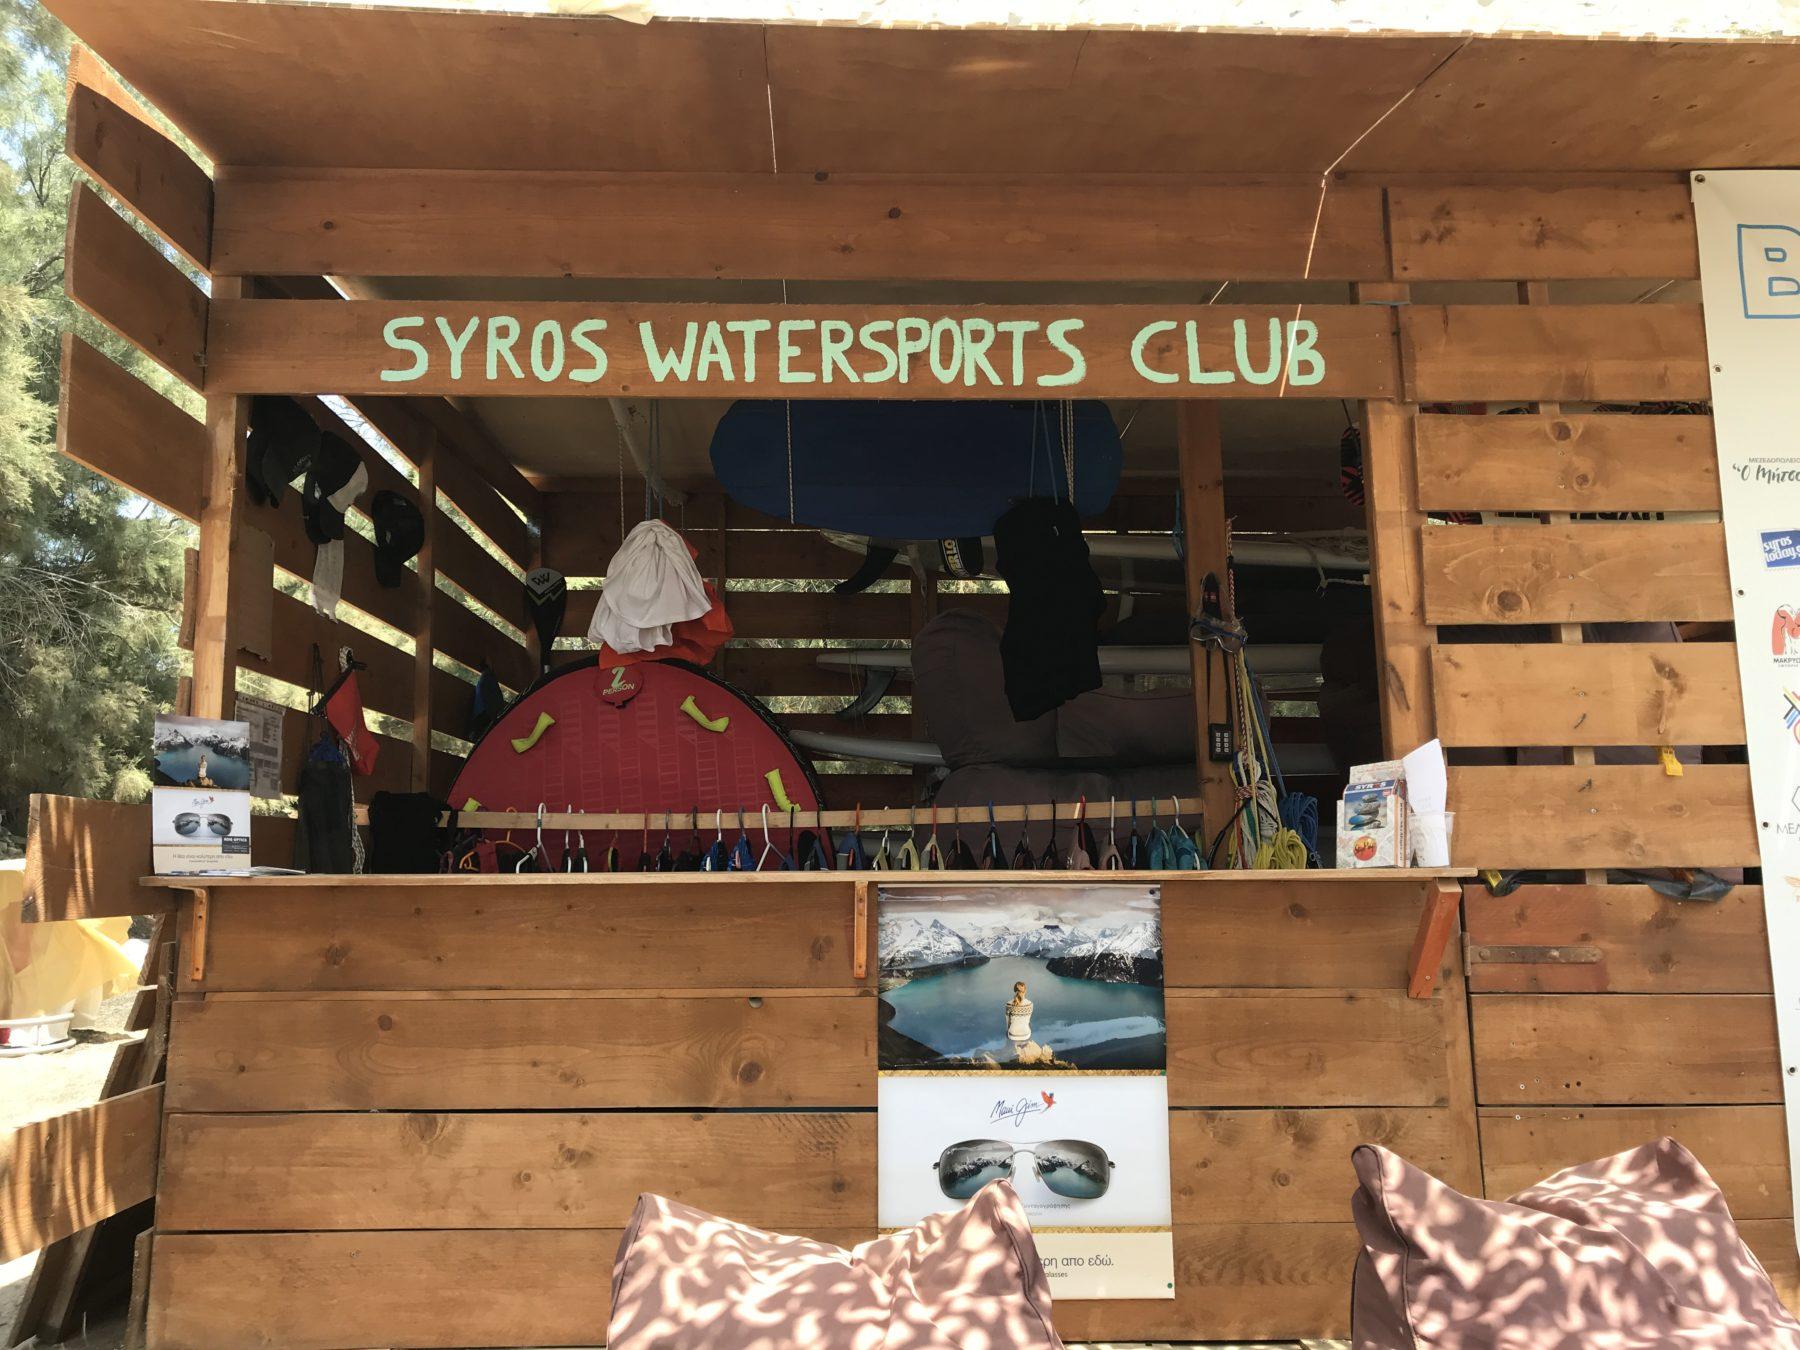 SYROS WATERSPORTS CLUB